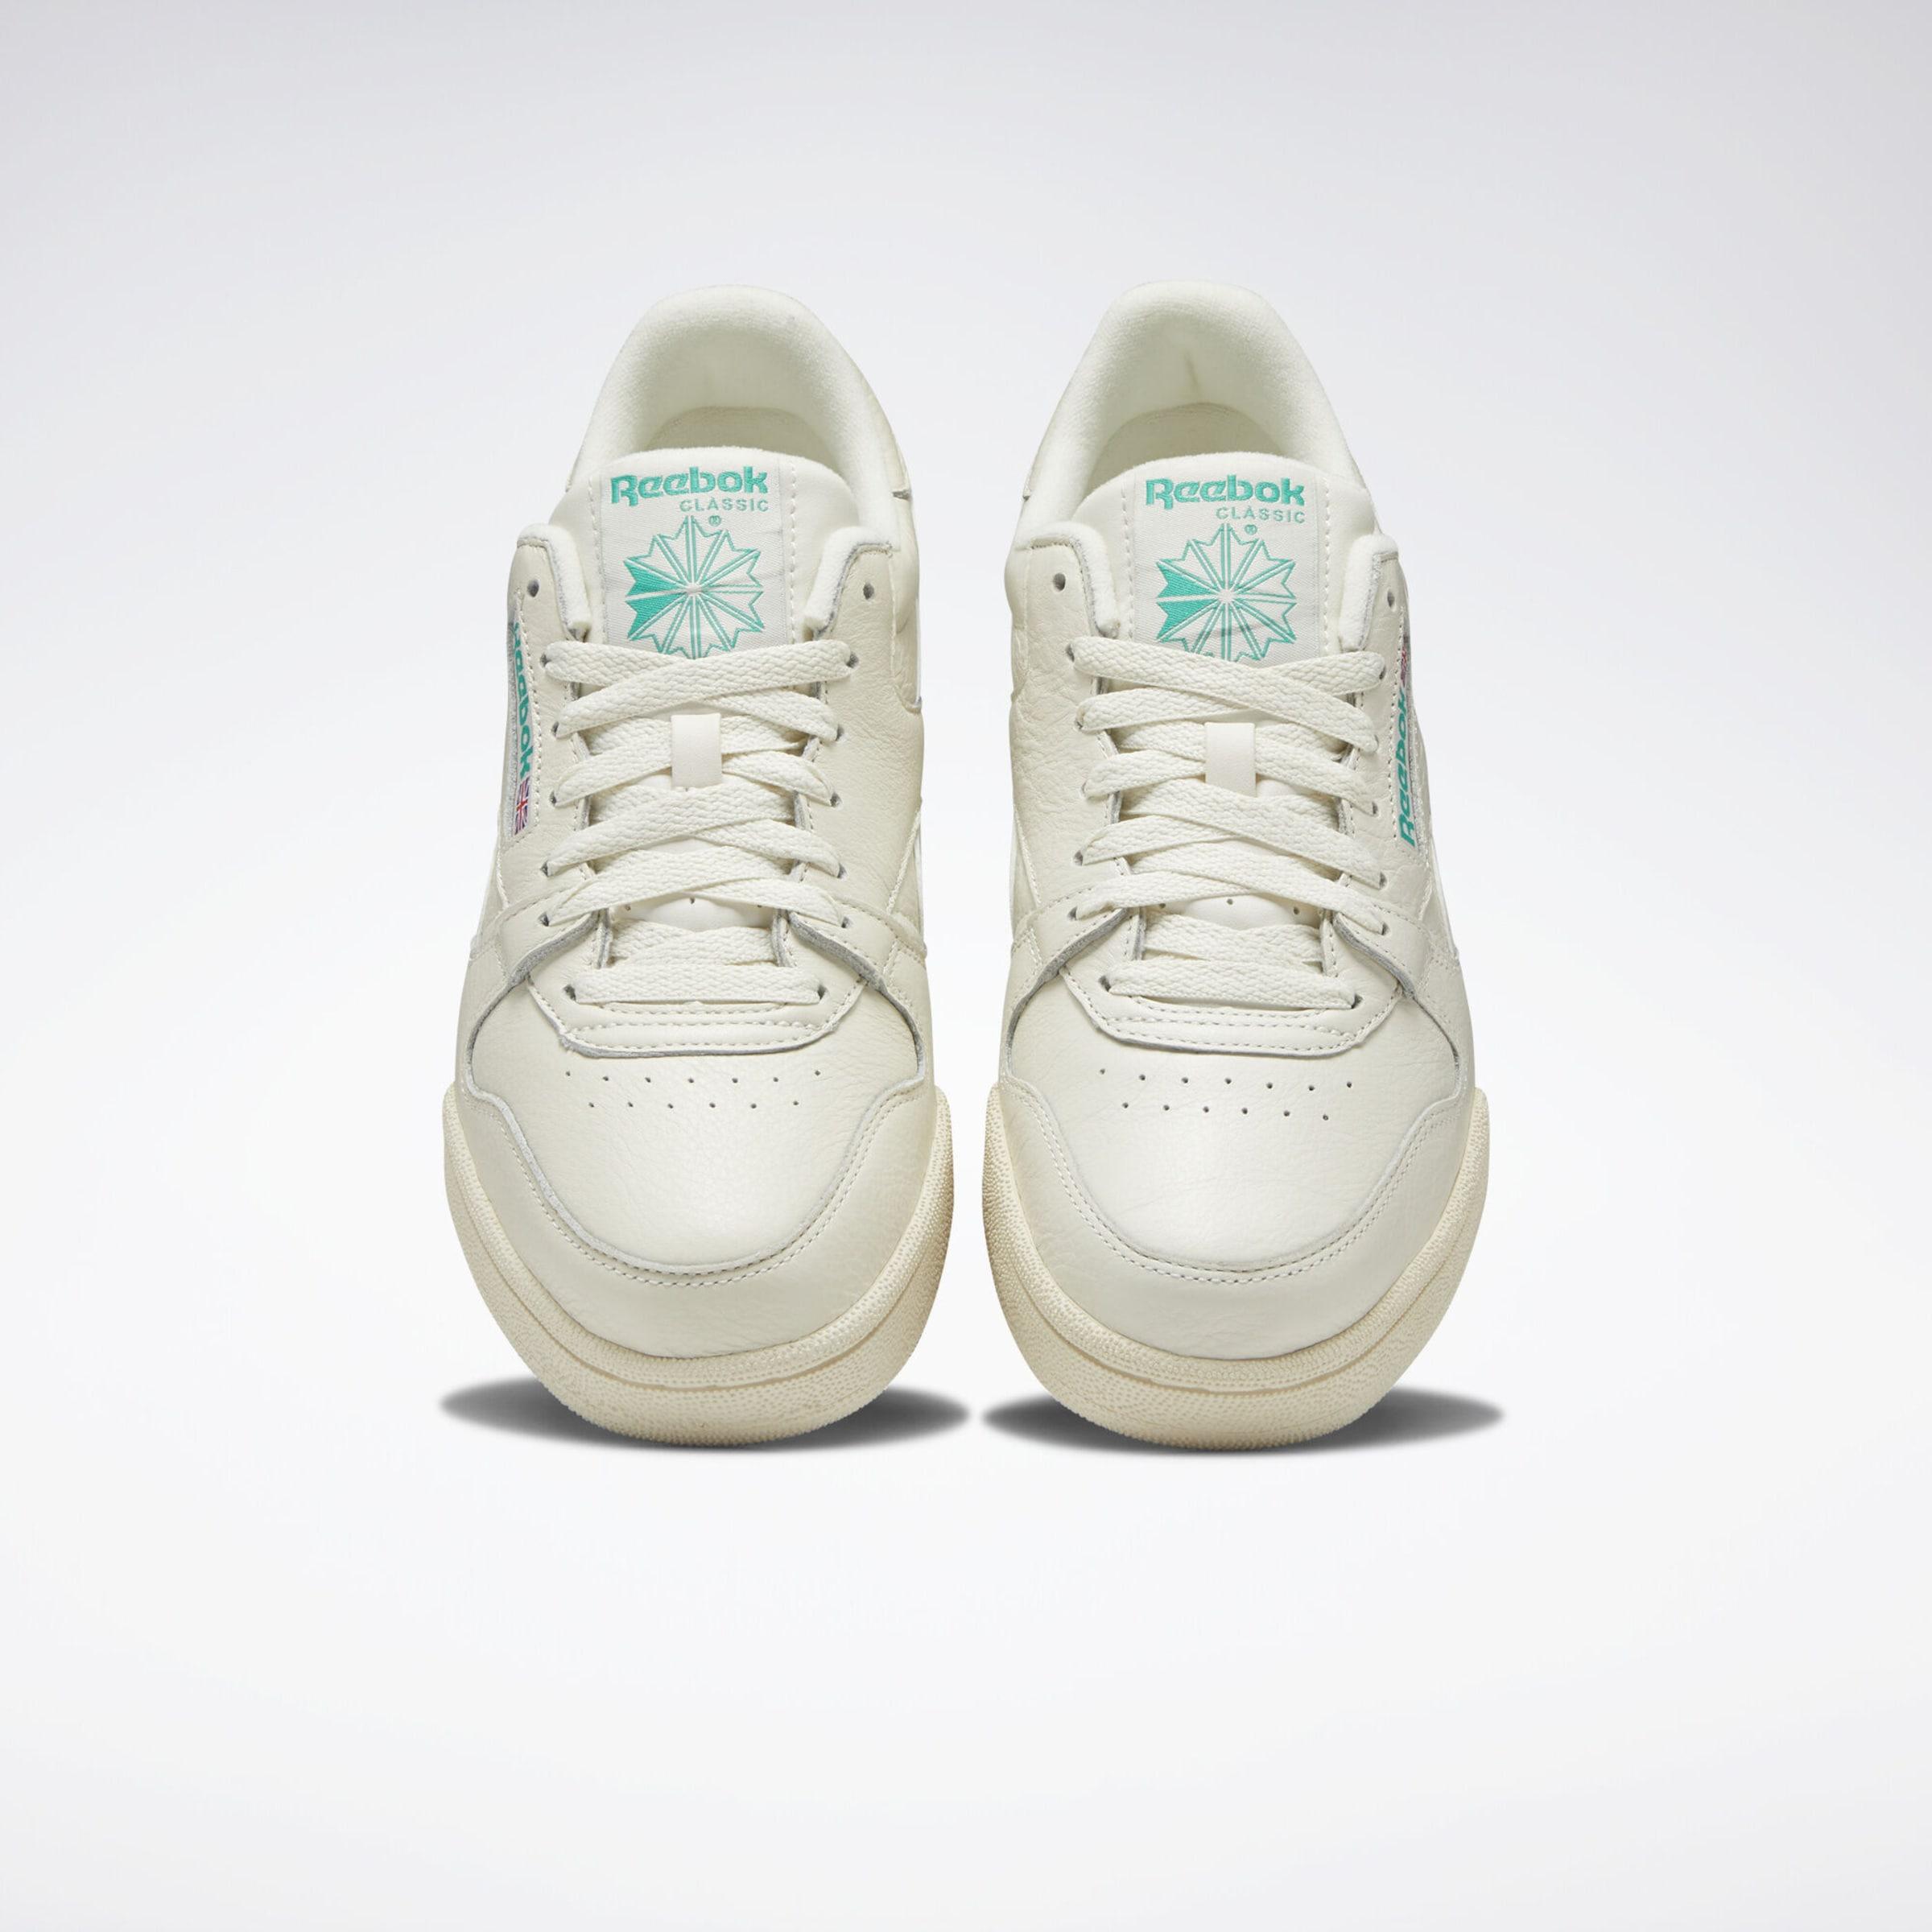 Classic In Beige Sneaker Reebok Classic Reebok Sneaker 8w0nOPk